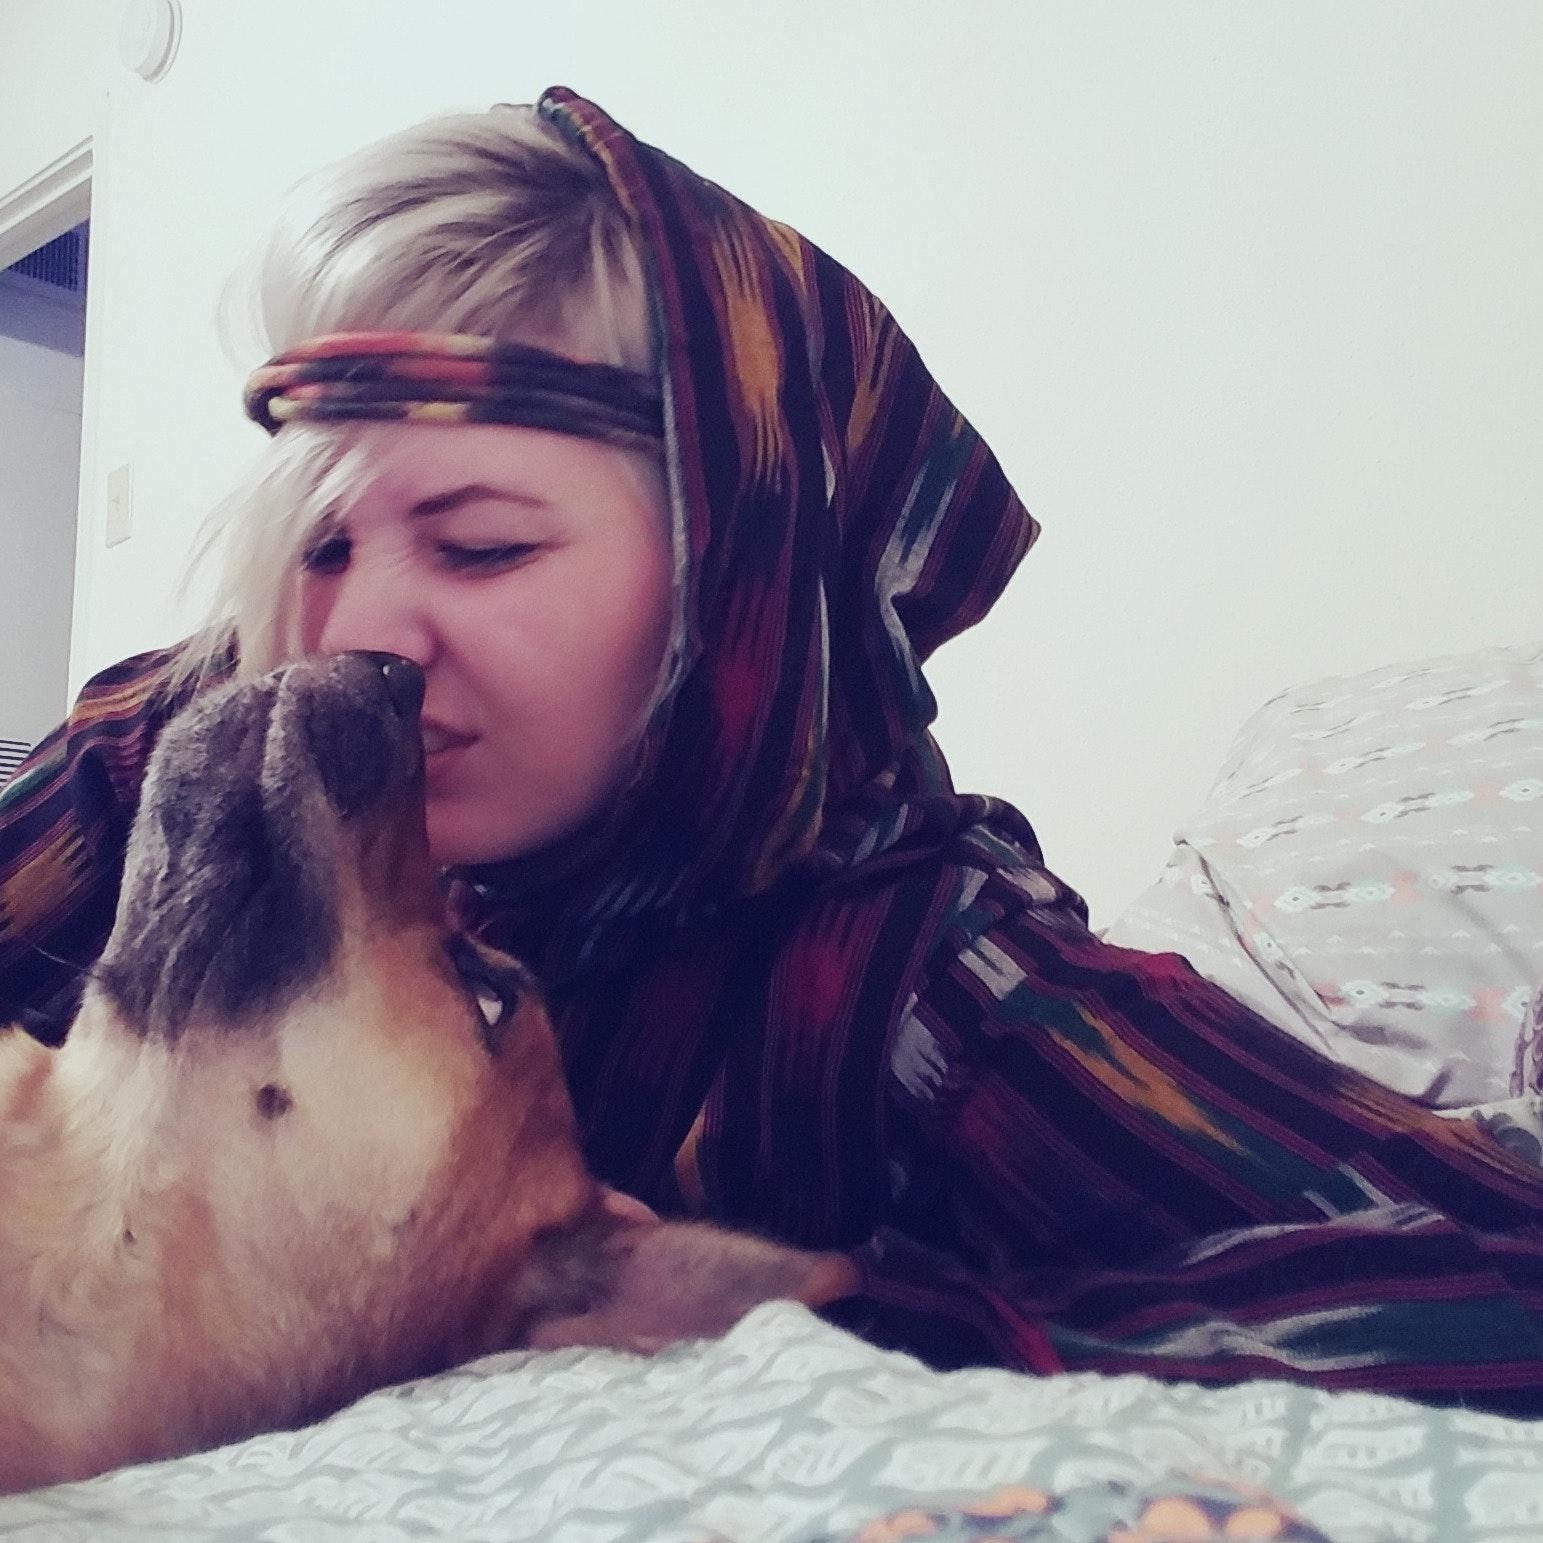 dog walker Bree